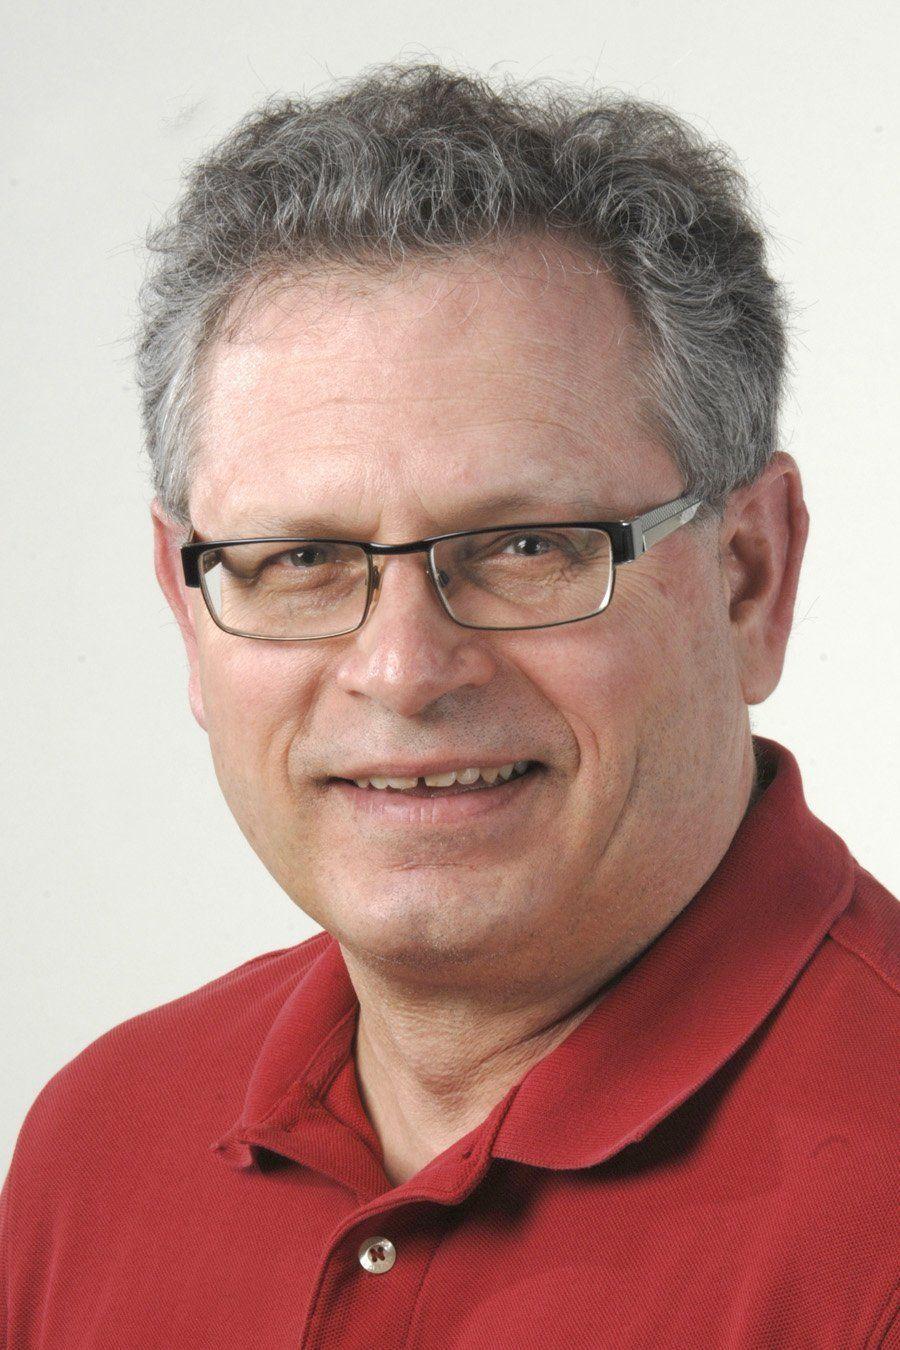 Randy Sharer